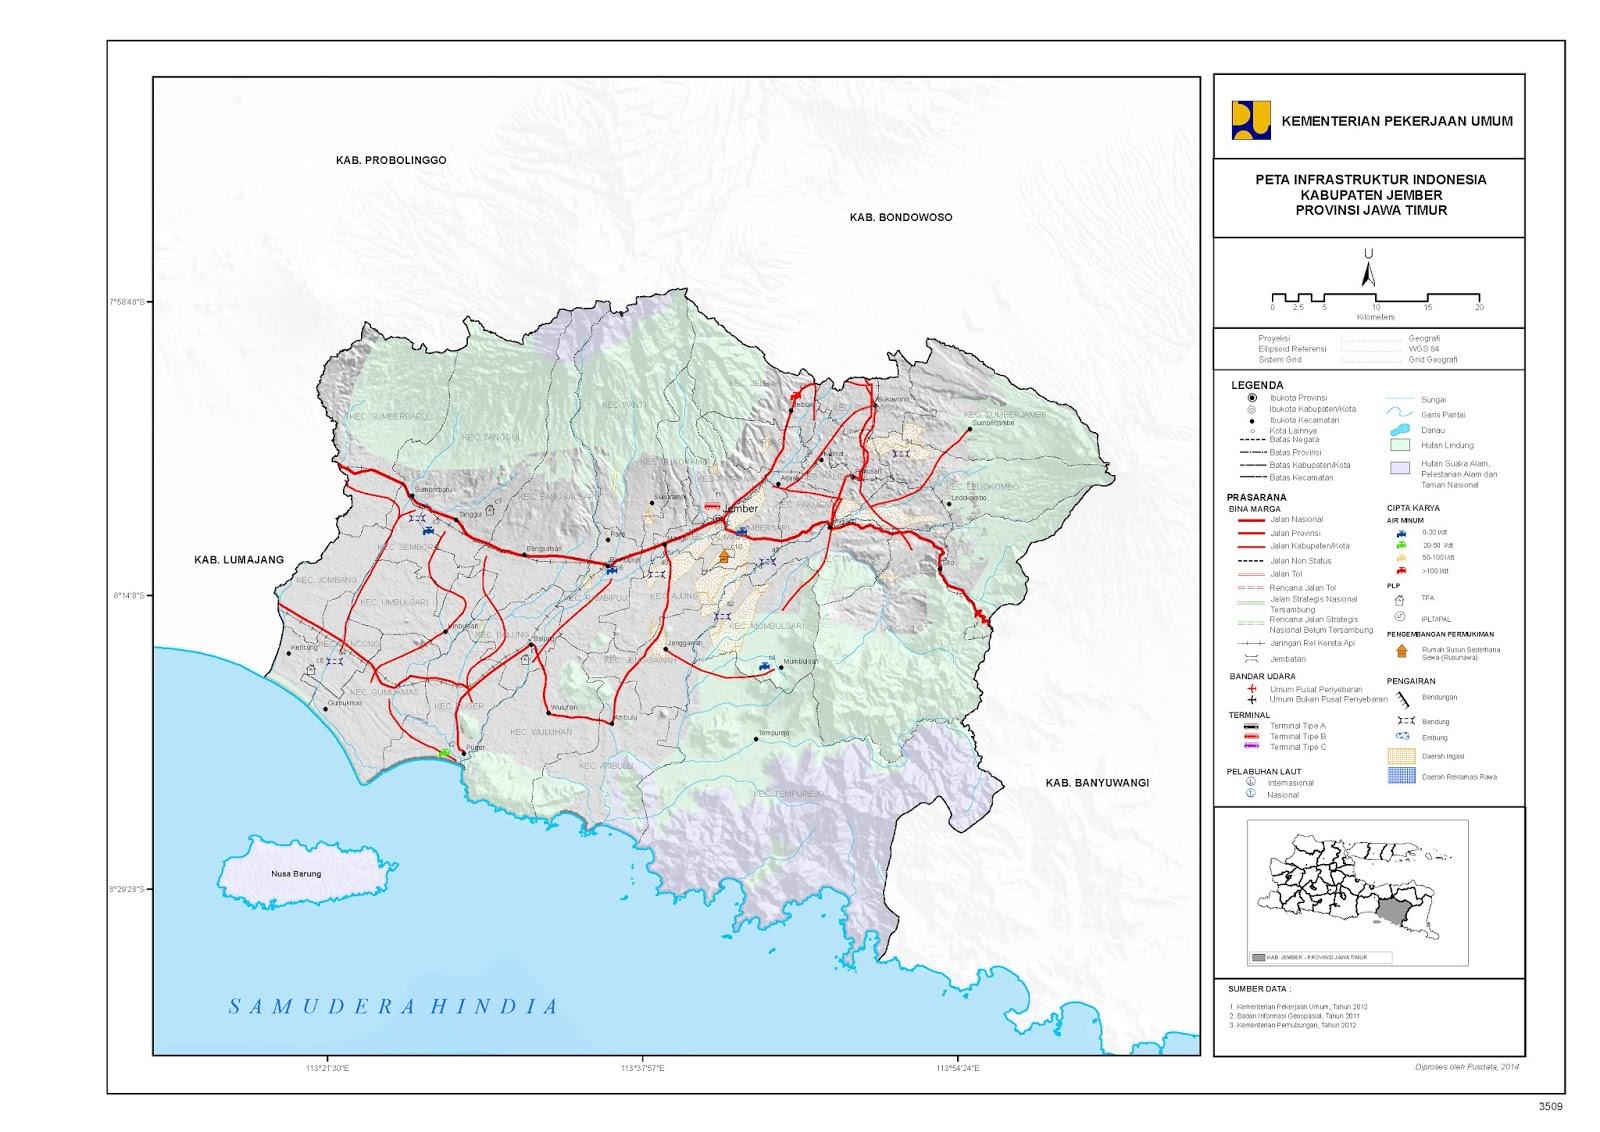 Peta Kota: Peta Kabupaten Jember